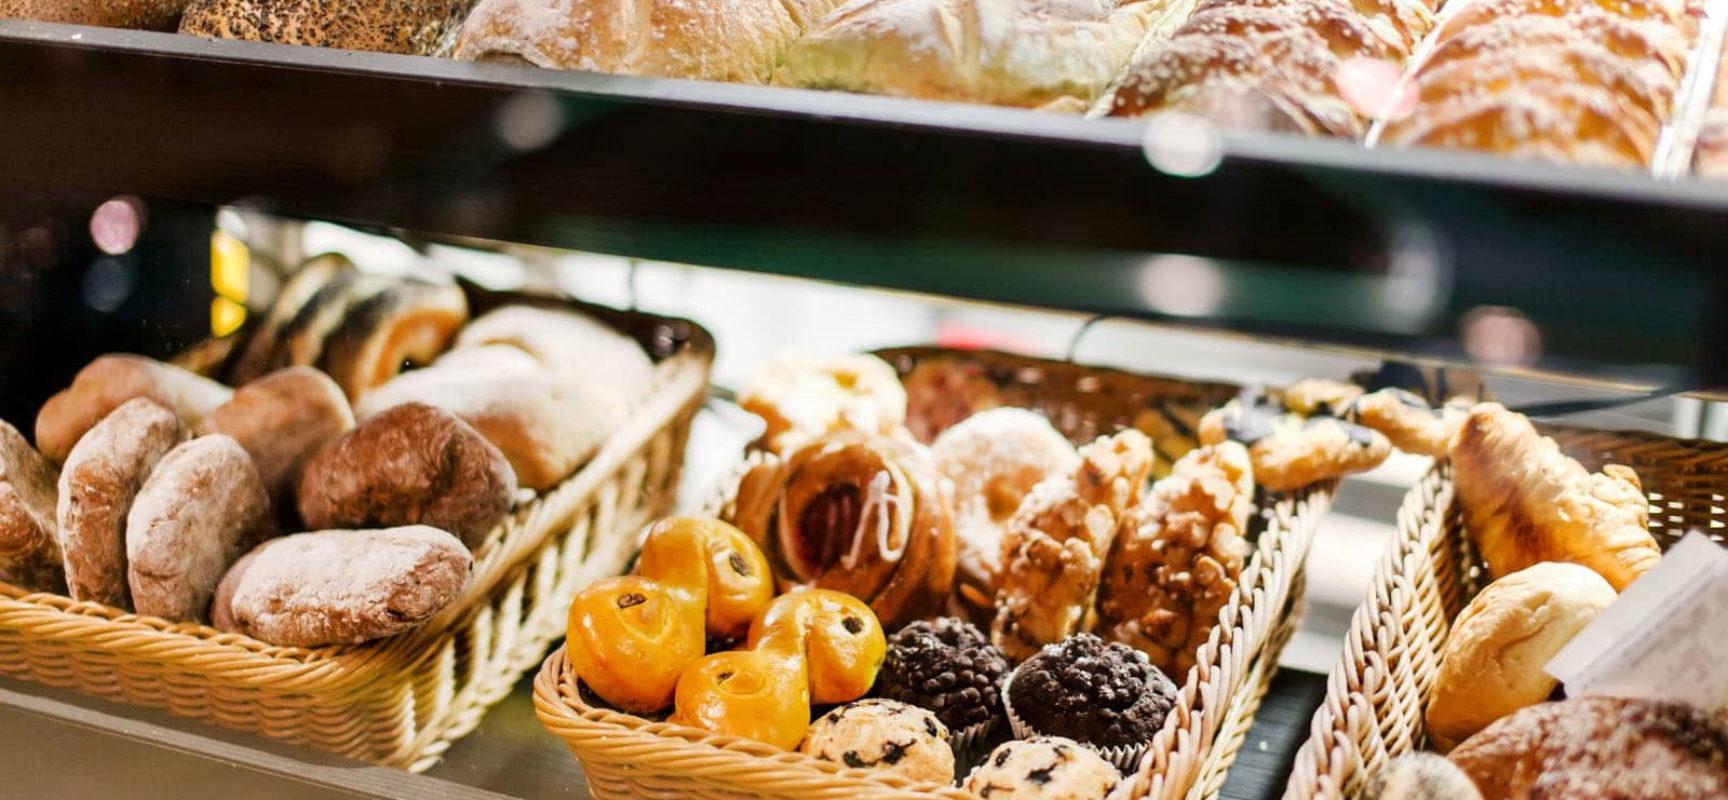 Apre al Vomero il terzo punto vendita di Bakery & Love